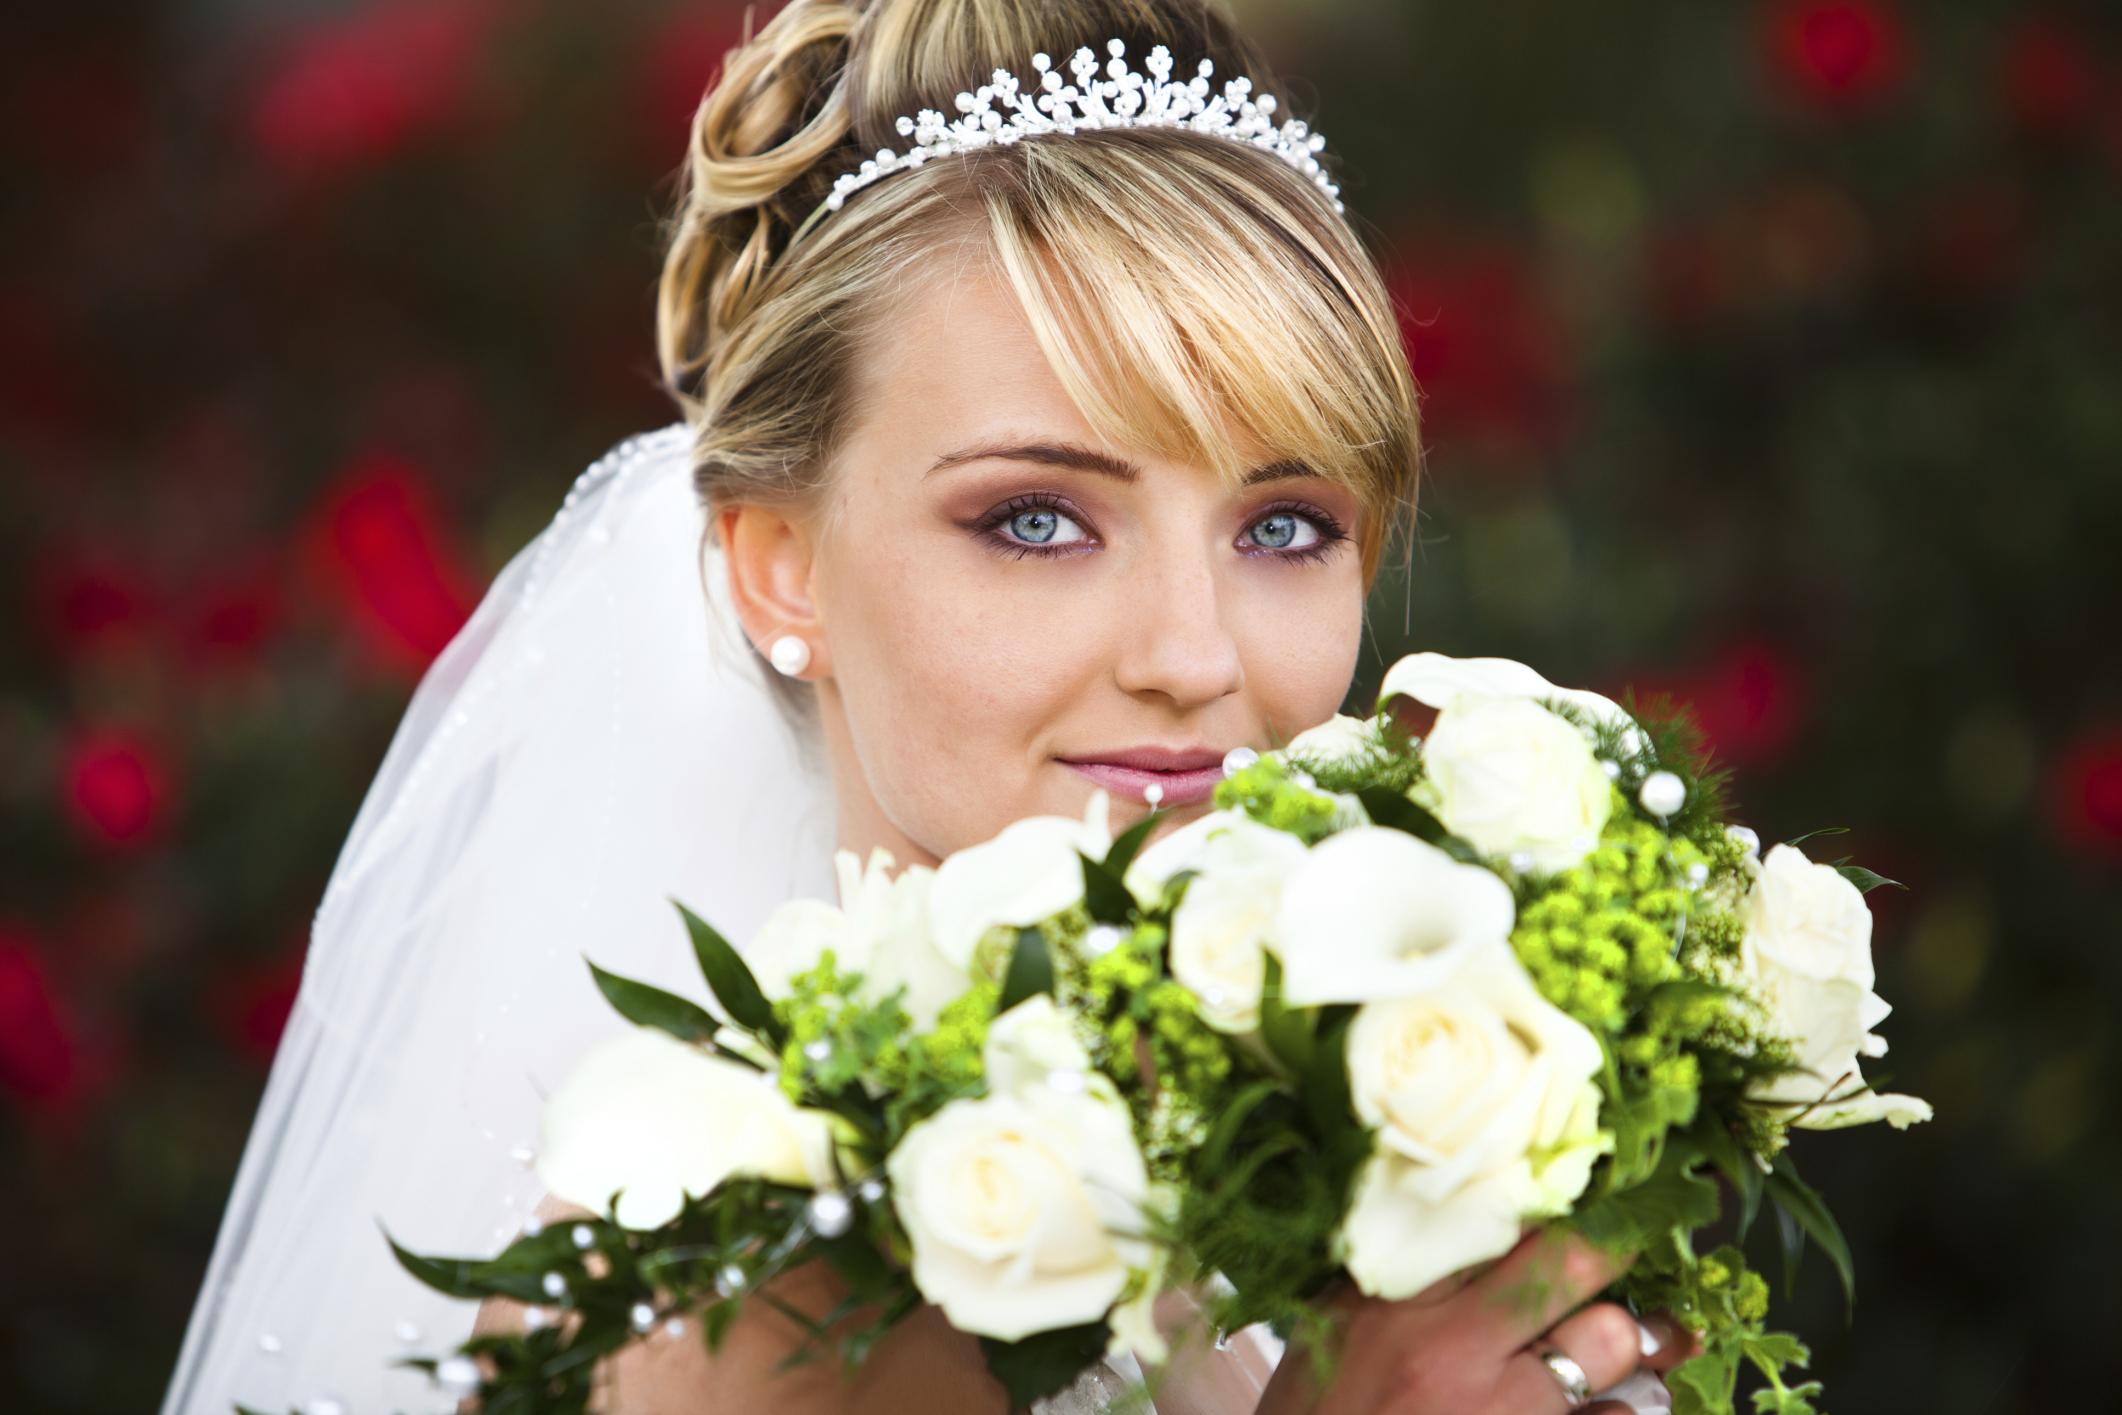 Top tips on wearing a wedding tiara | Easy Weddings UK - Easy Weddings